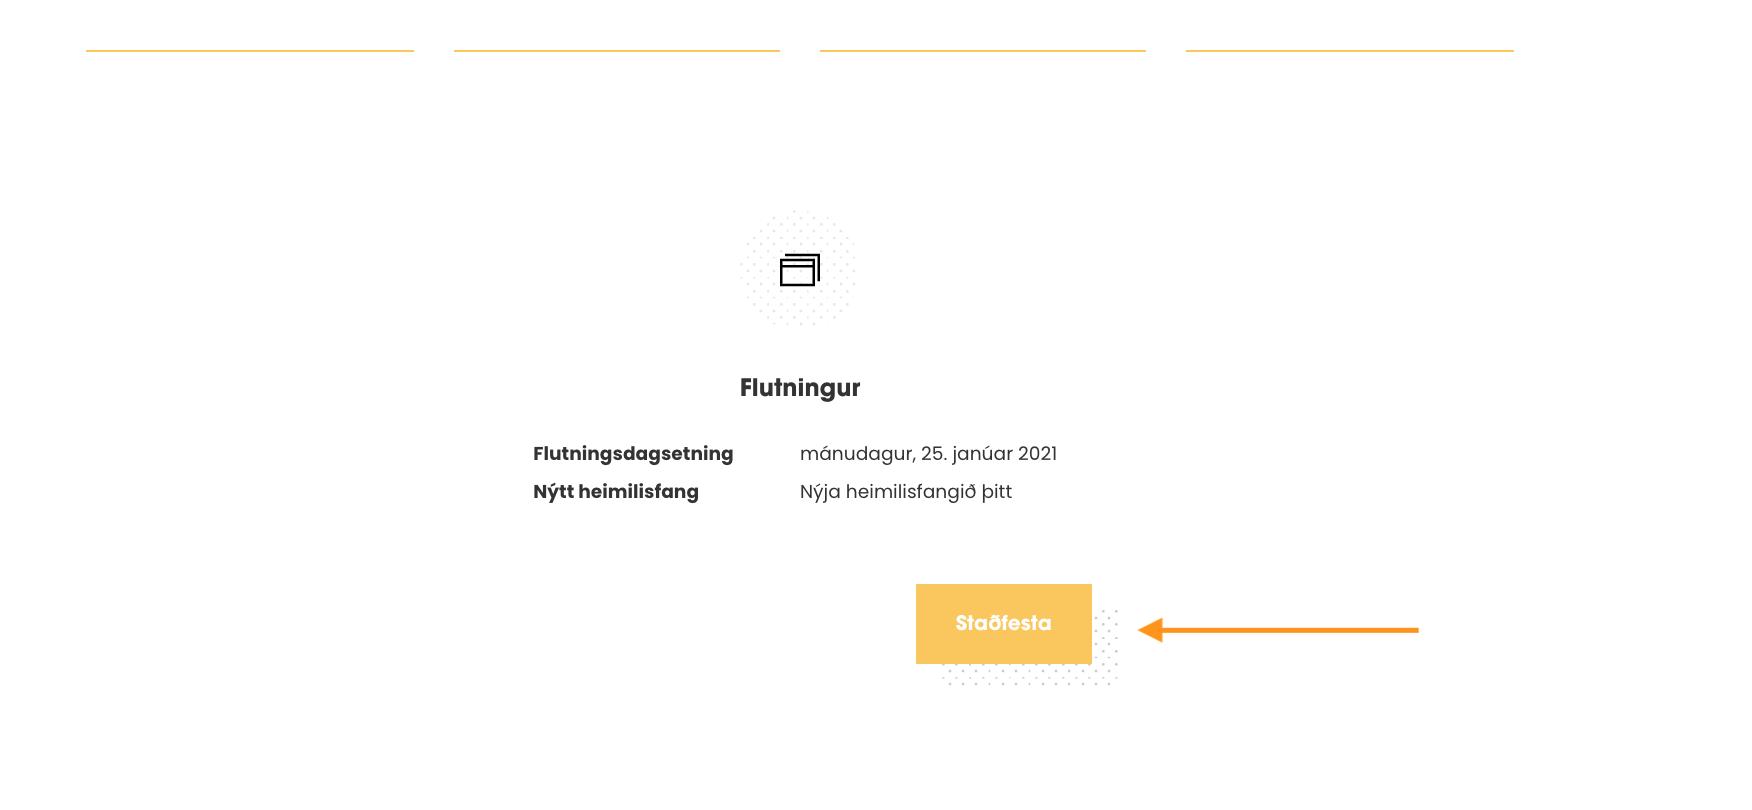 Screenshot_2021-01-19_at_15.39.06.png